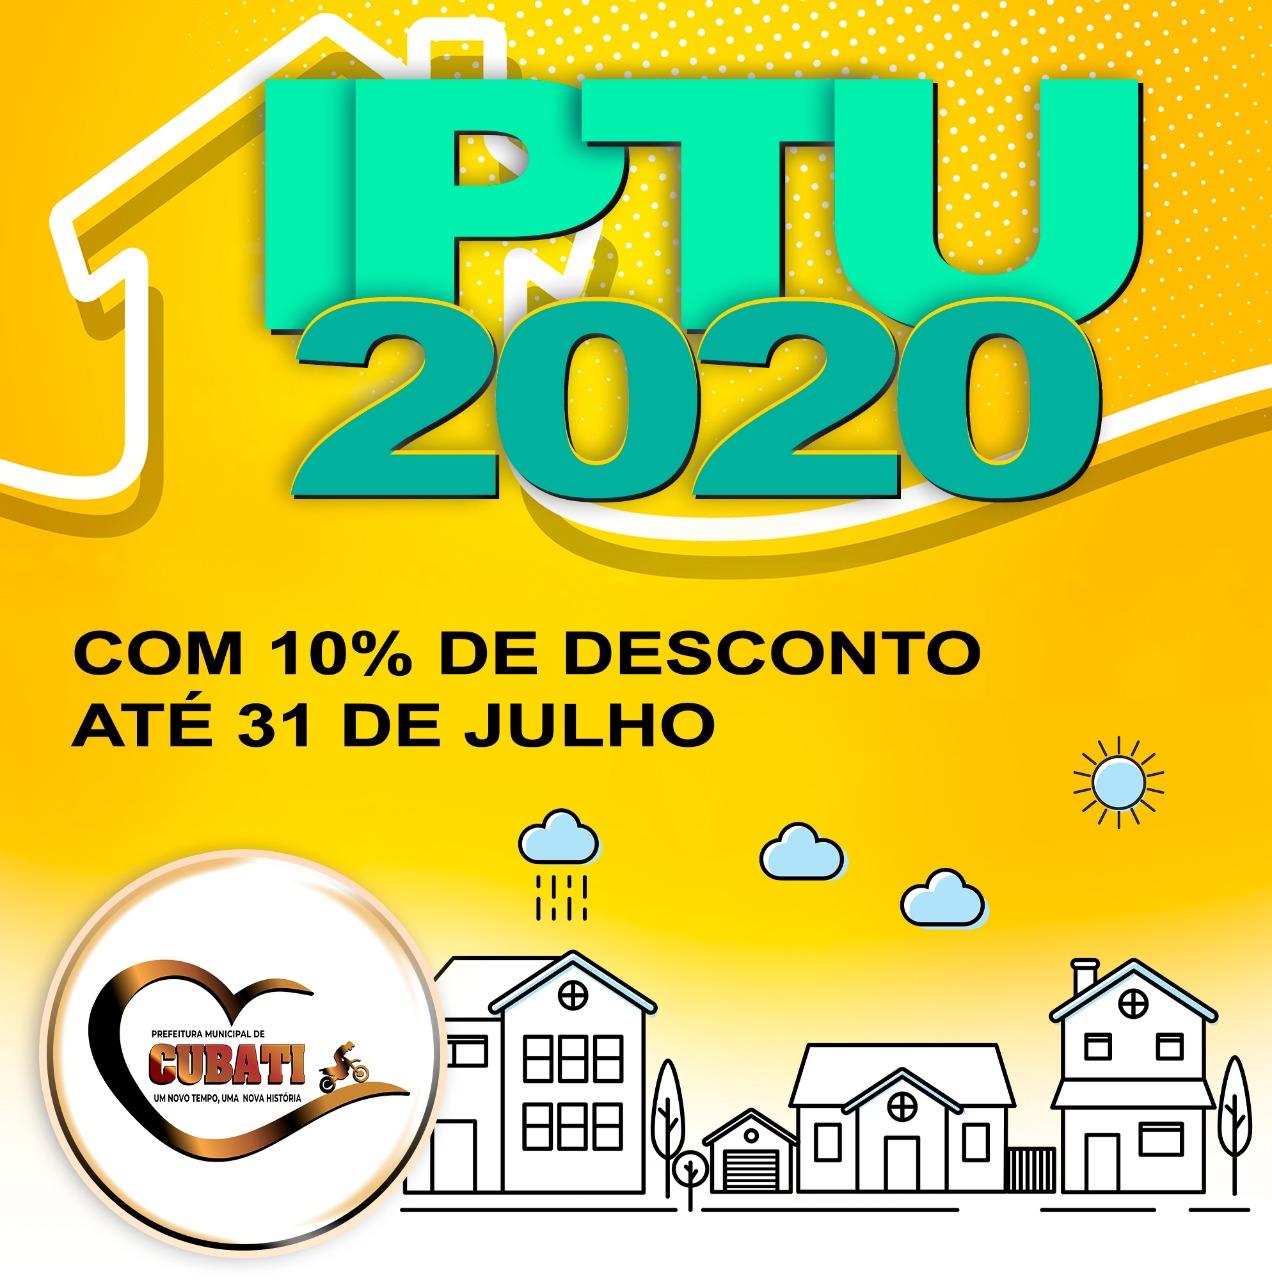 IPTU 2020 pode ser pago com desconto até 10% de desconto até Julho